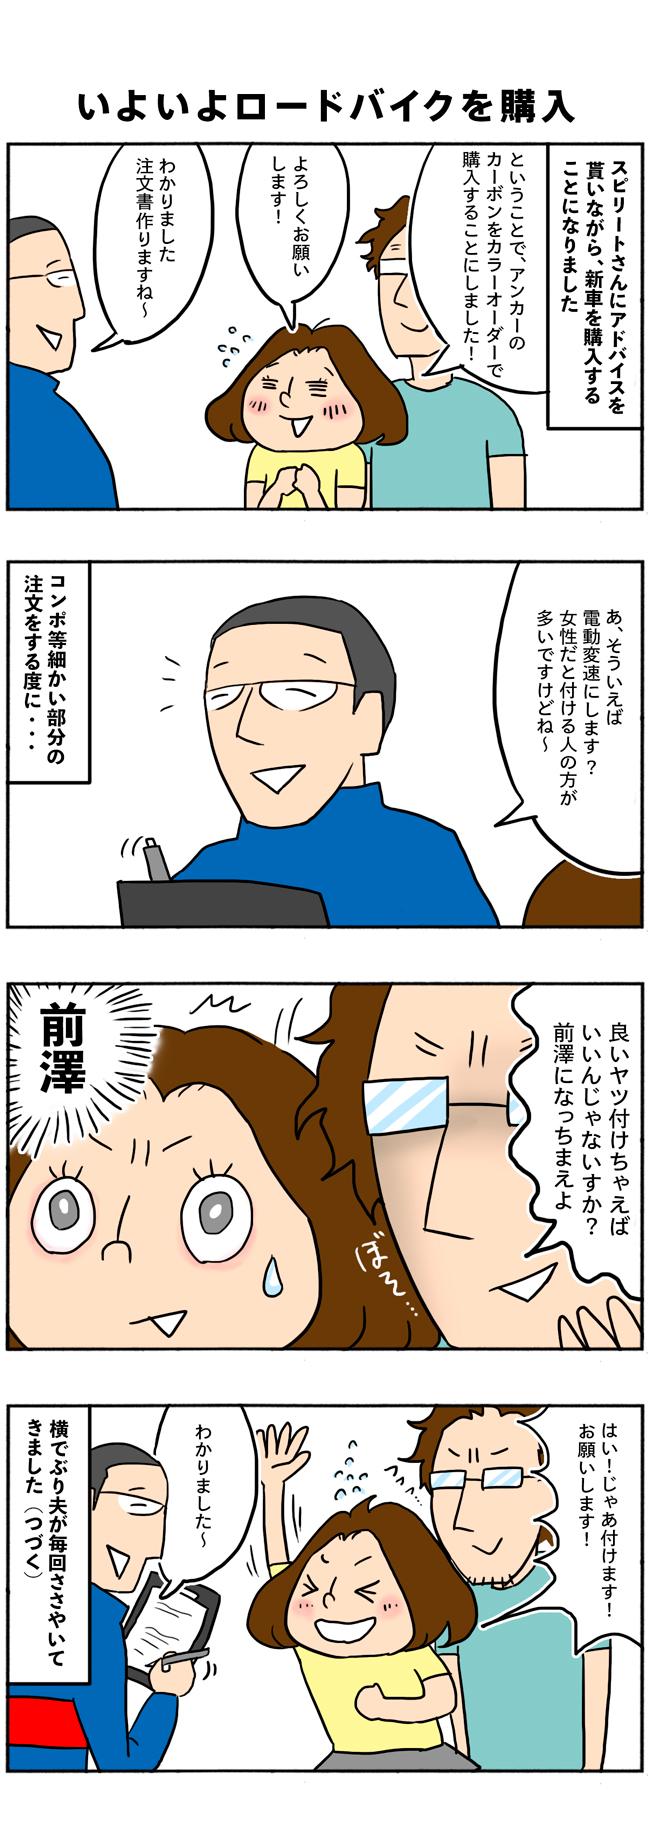 【四コマ漫画】2台目のロードバイクを注文する時のこと。横の前澤がすごい。